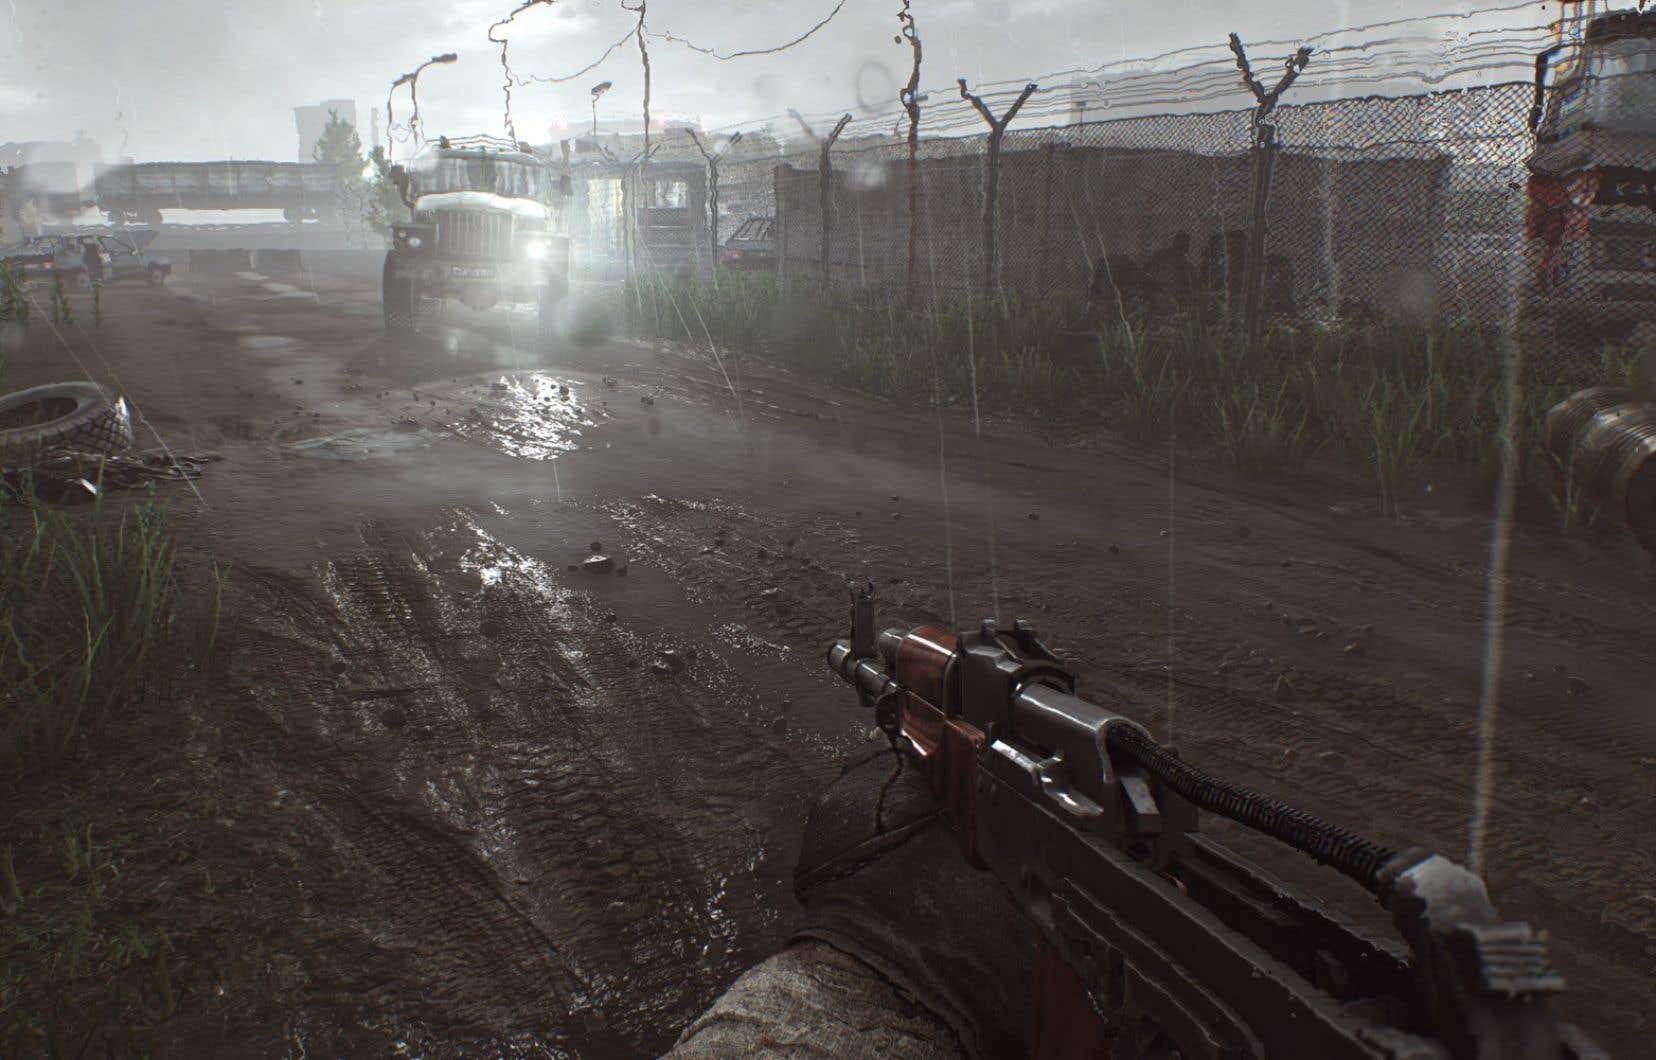 Jeu «Escape From Tarkov» du studio russe Battlestate Games